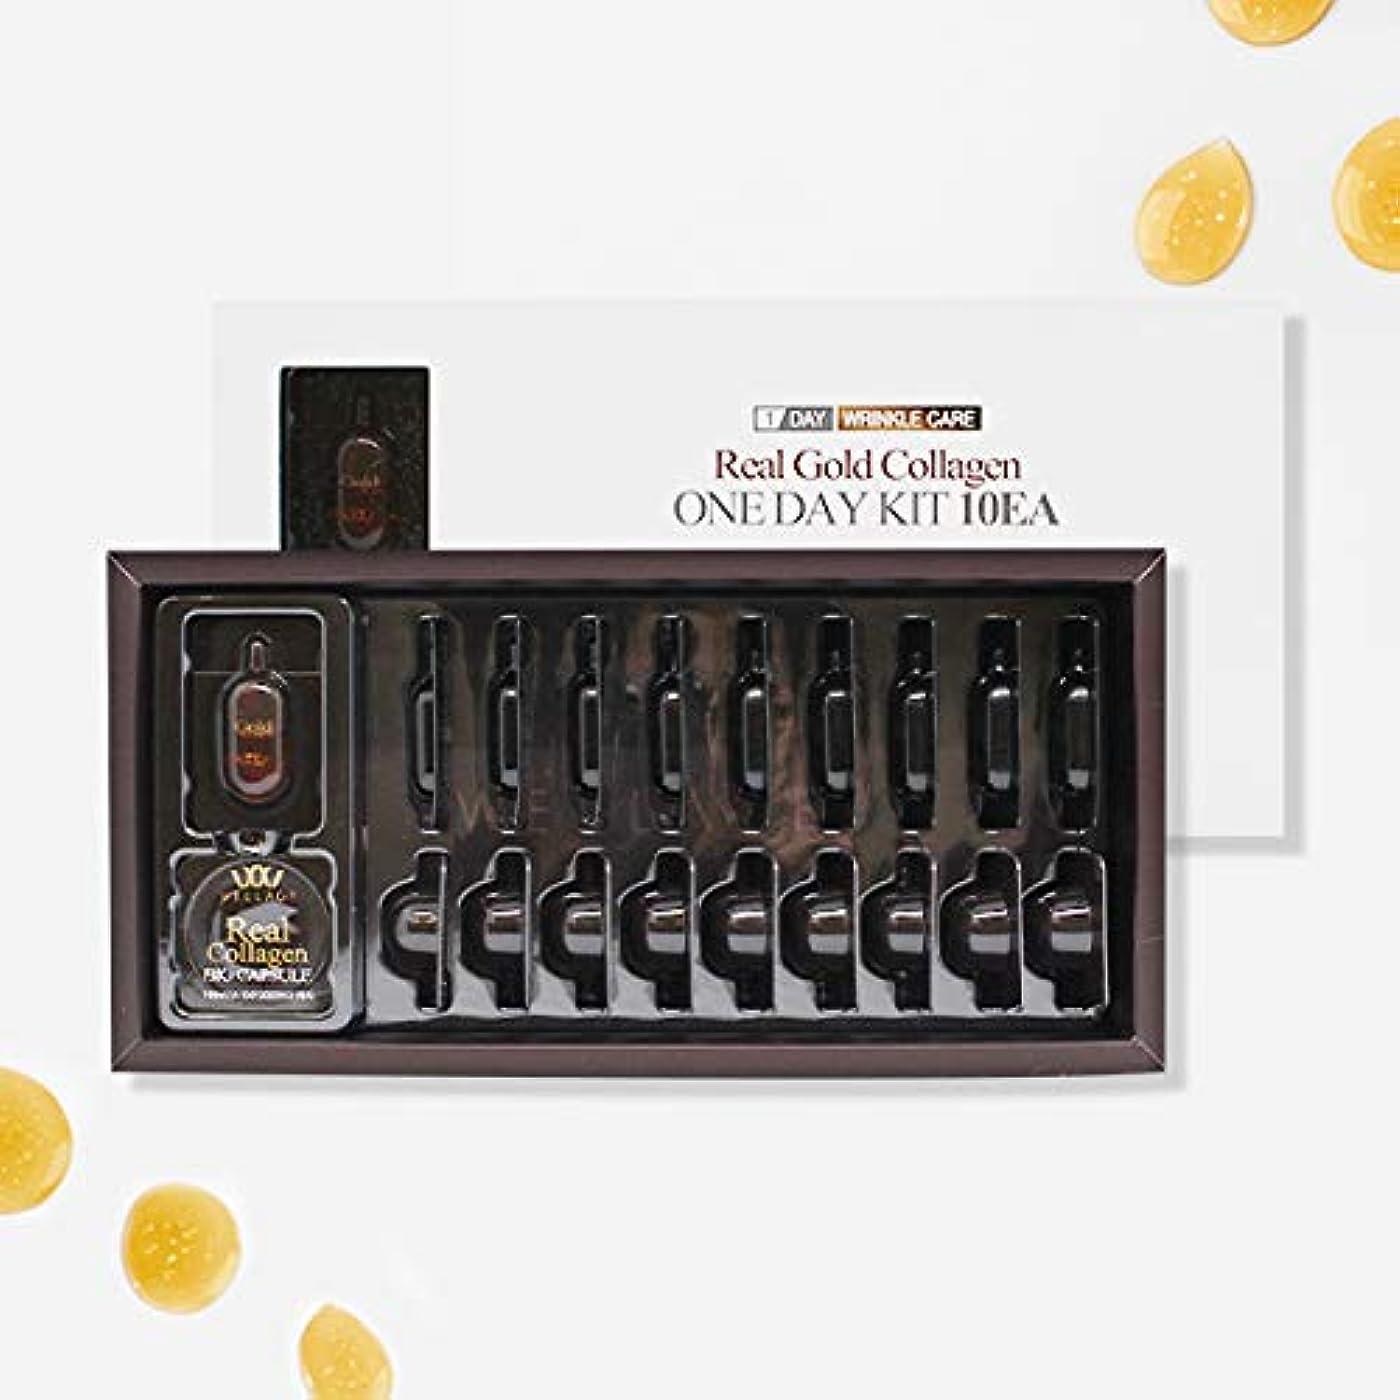 エッセンス太鼓腹出力WELLAGE(ウェラージュ) リアルゴールドワンデーキットバイオカプセル 10EA (しわケア)/ Real Gold One Day Kit Bio Capsule